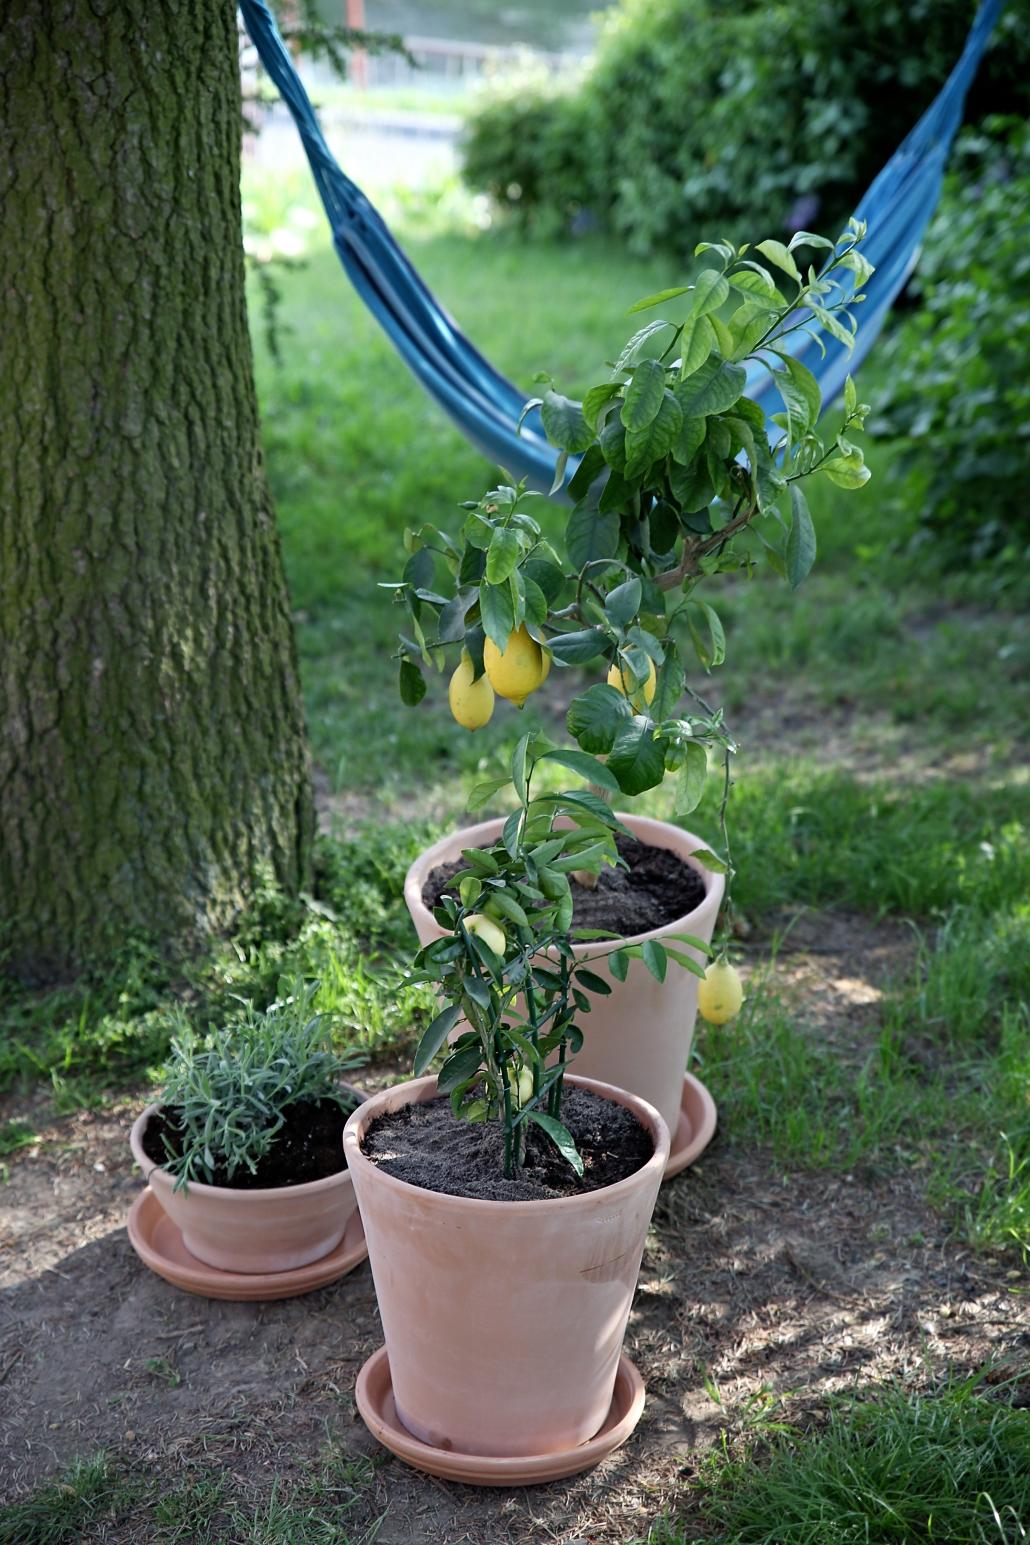 pestovani-citronu